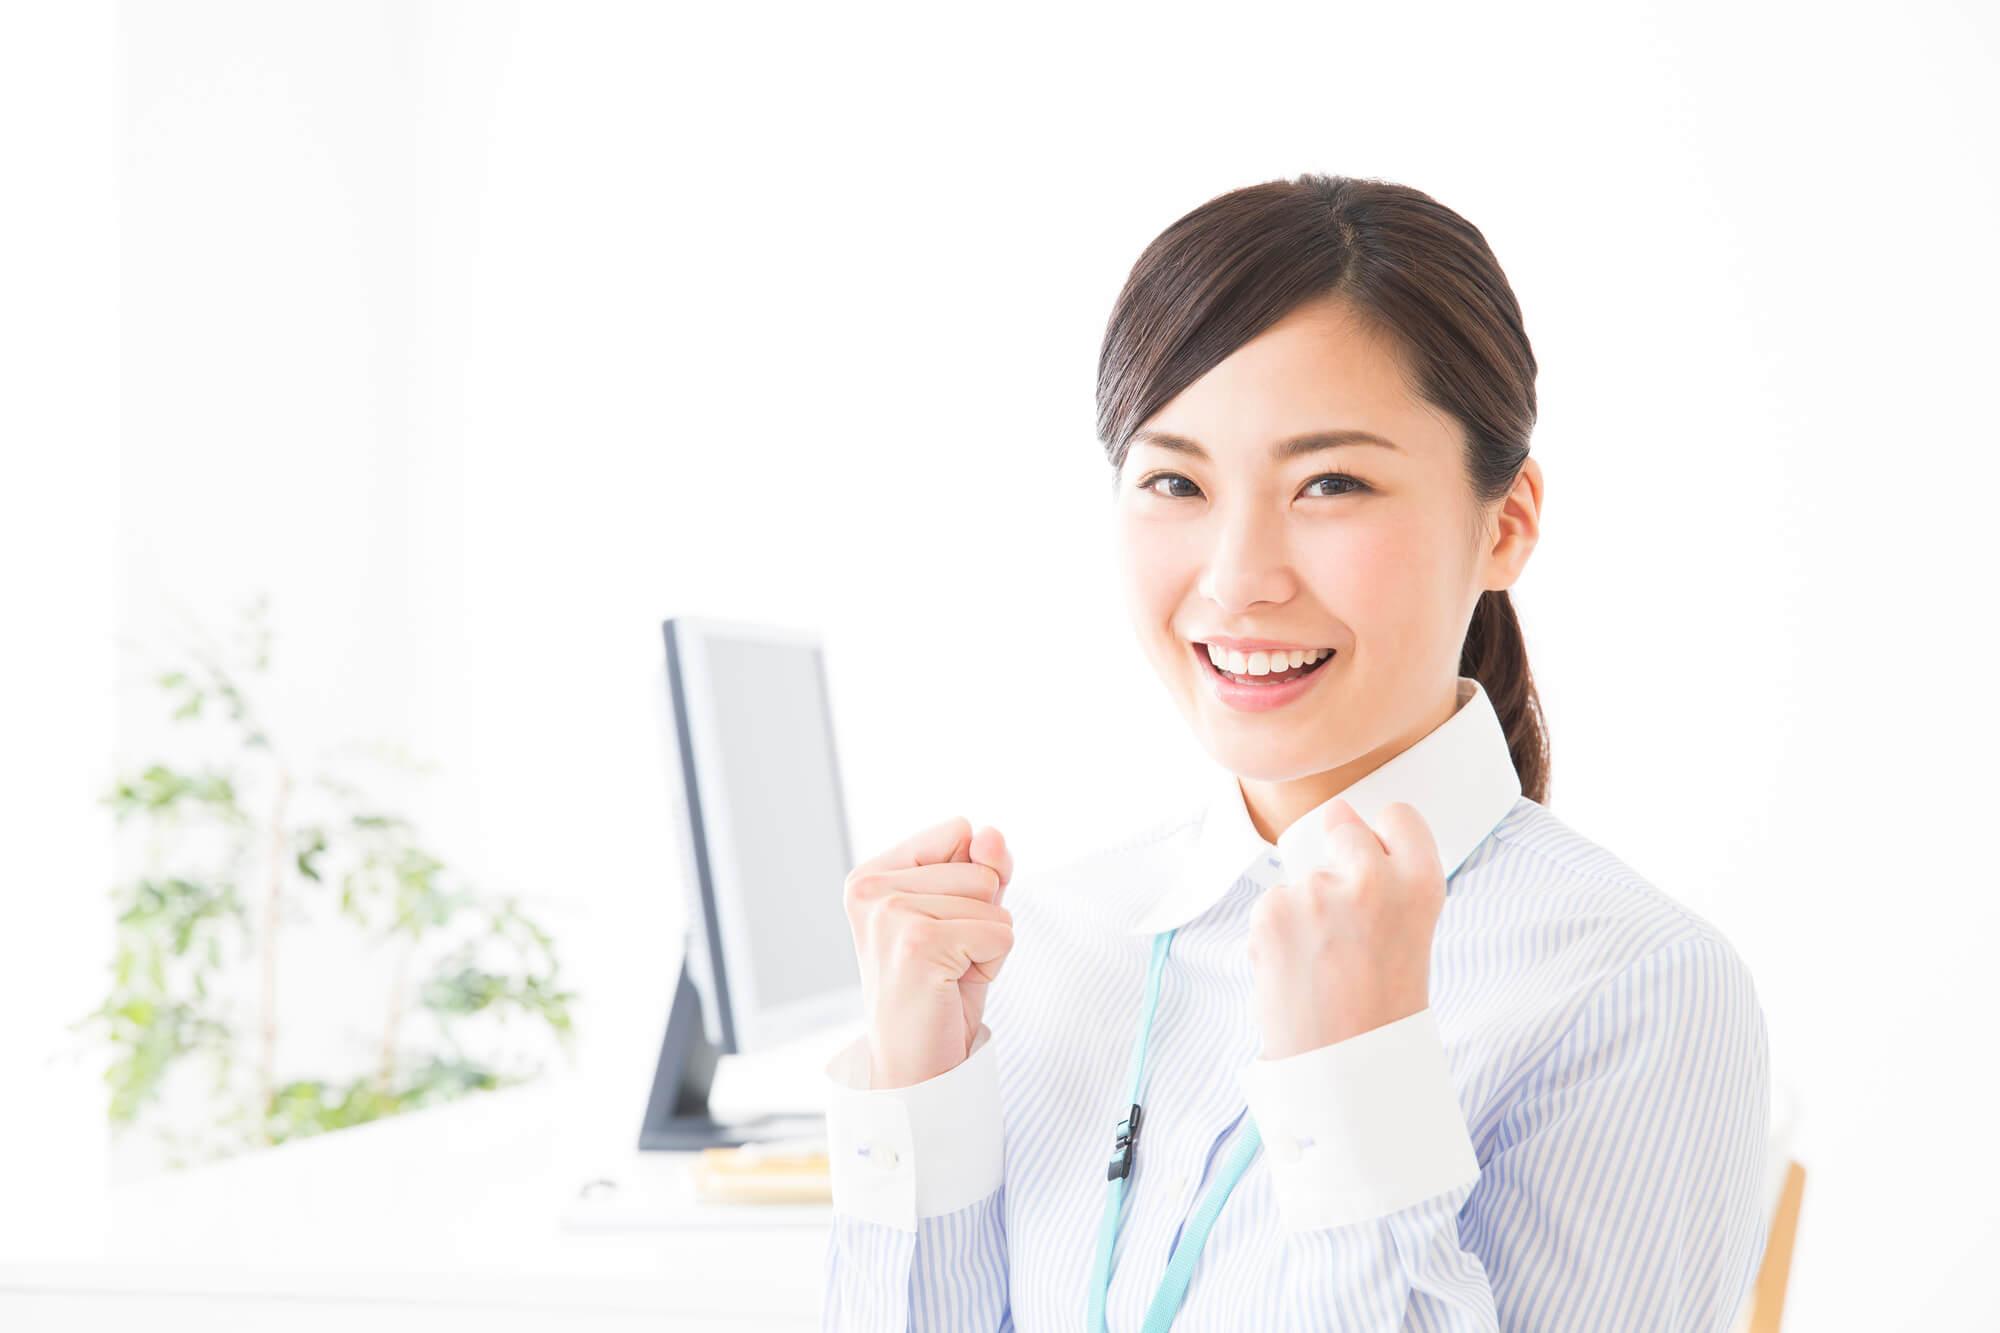 抱えていた悩みや問題を解決して希望に満ちた笑顔になる女性クライアント